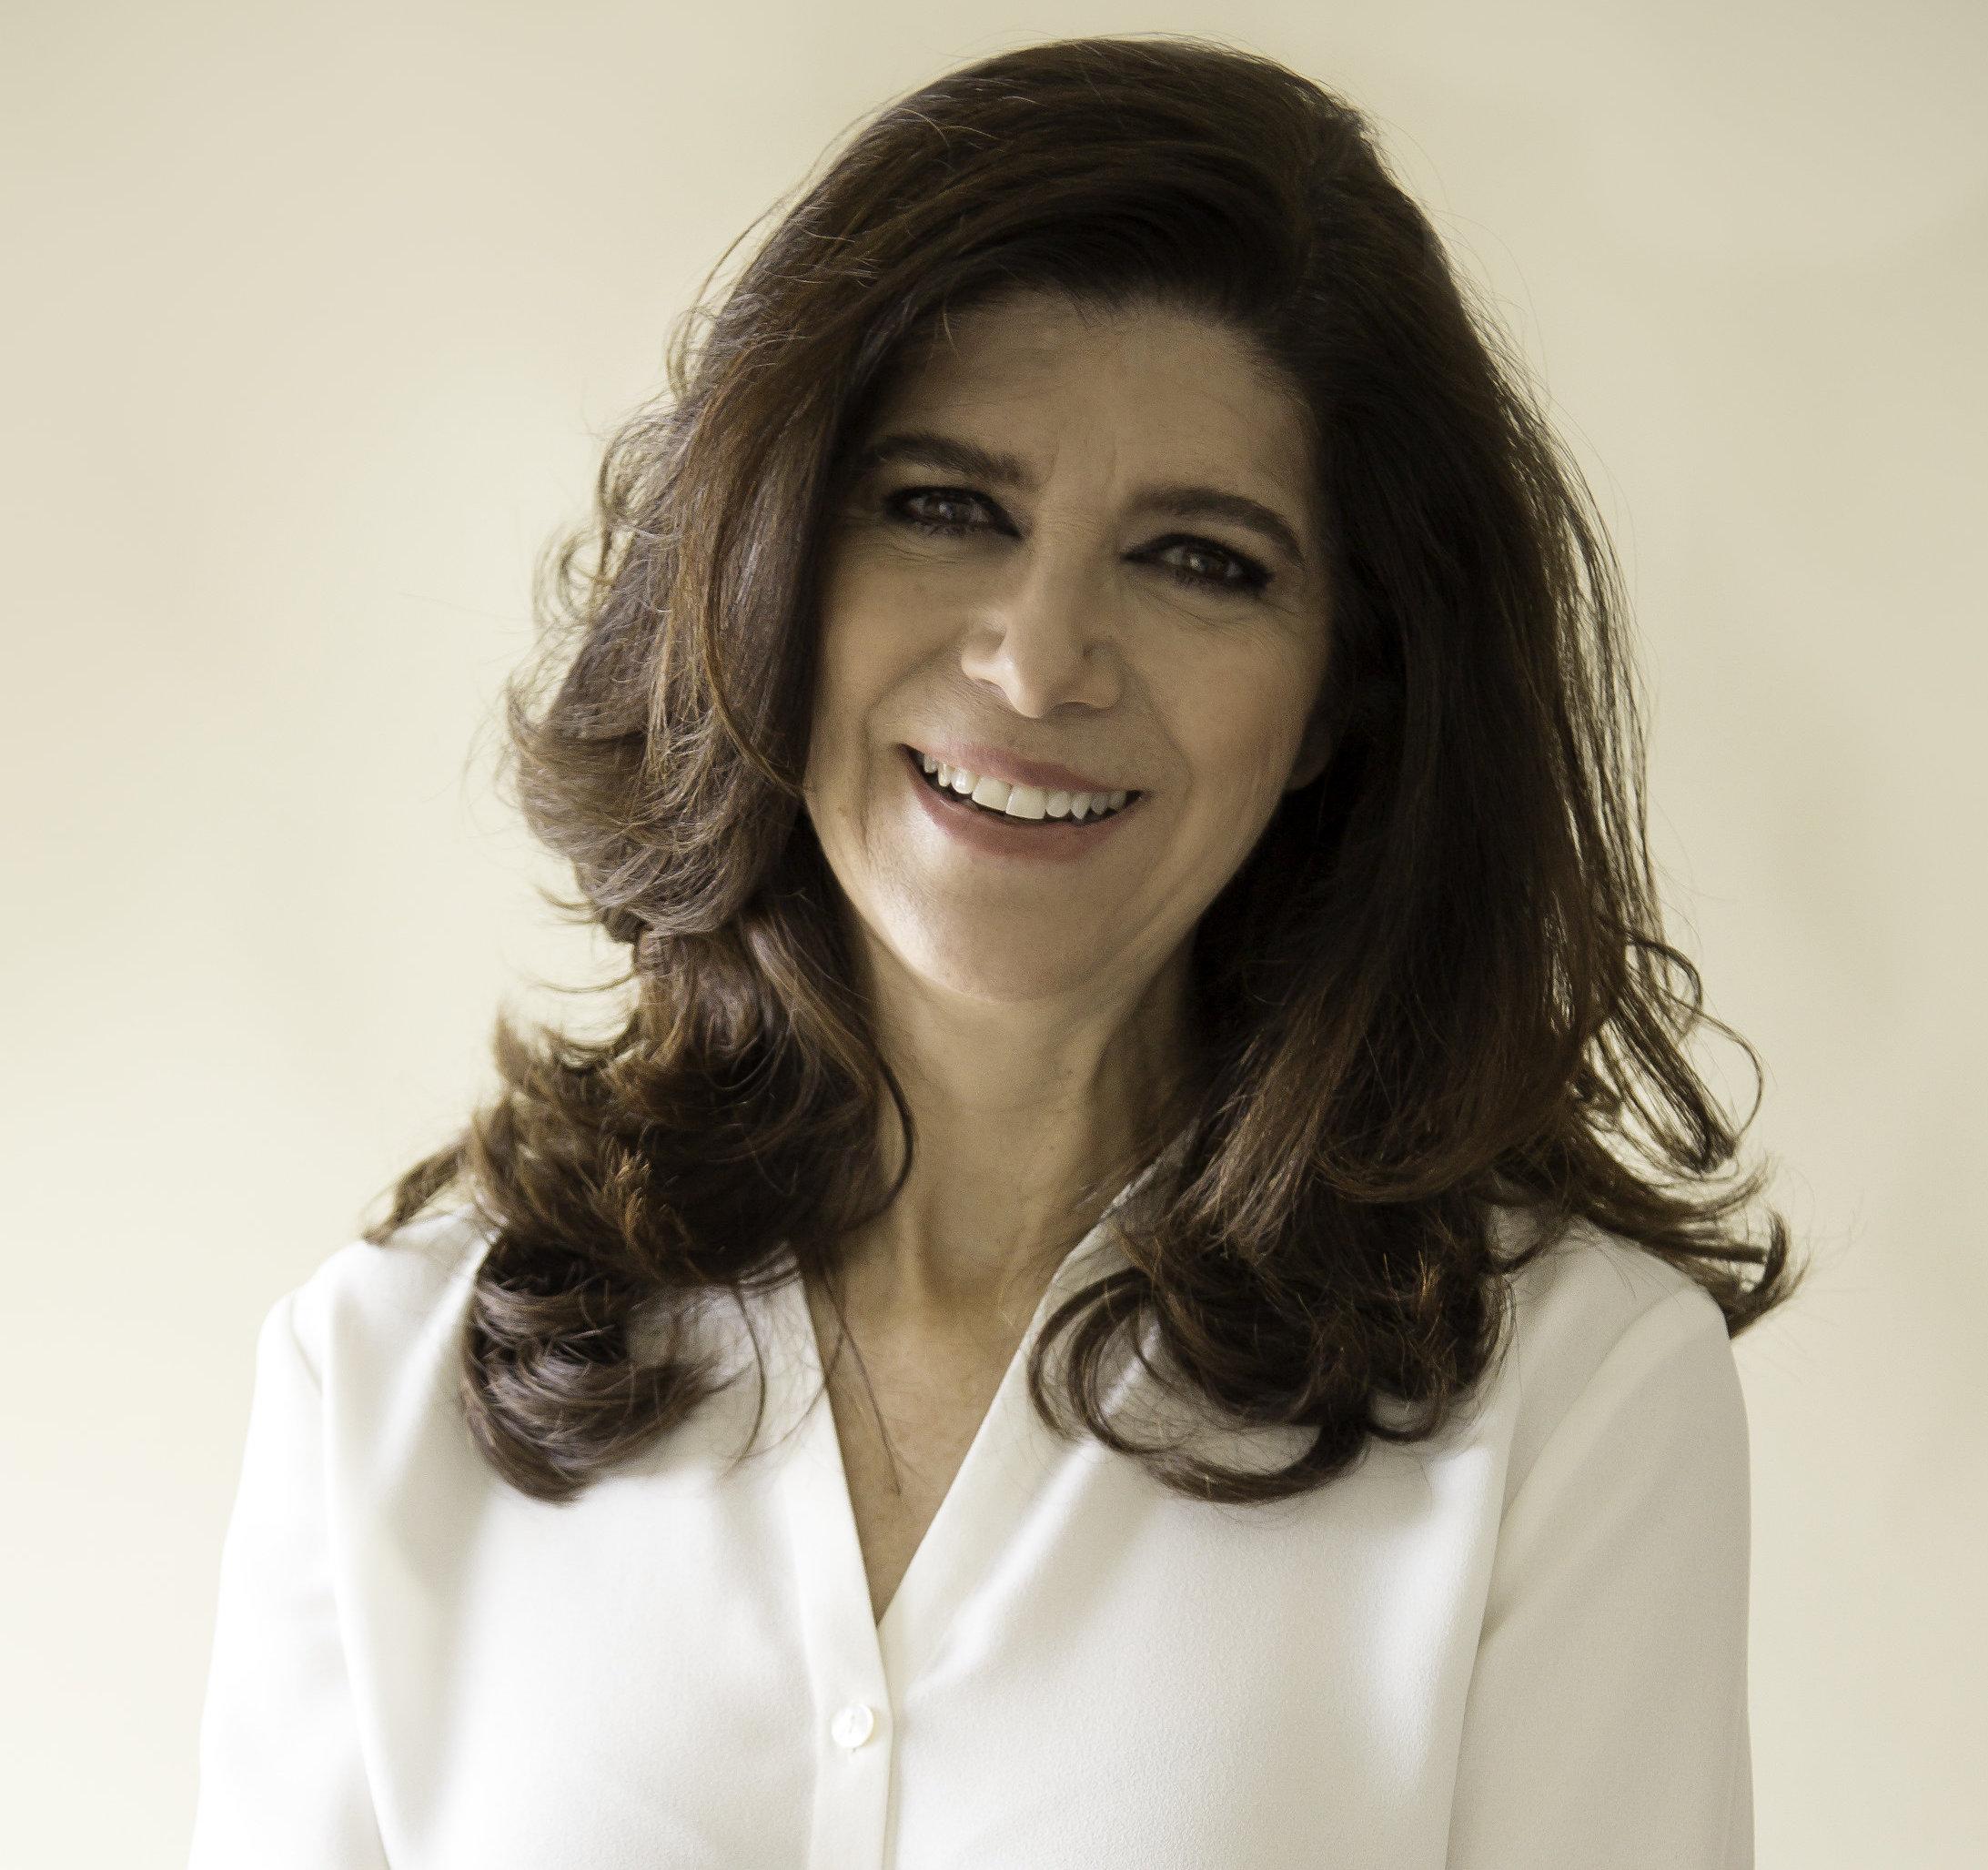 Margarita Tarragona